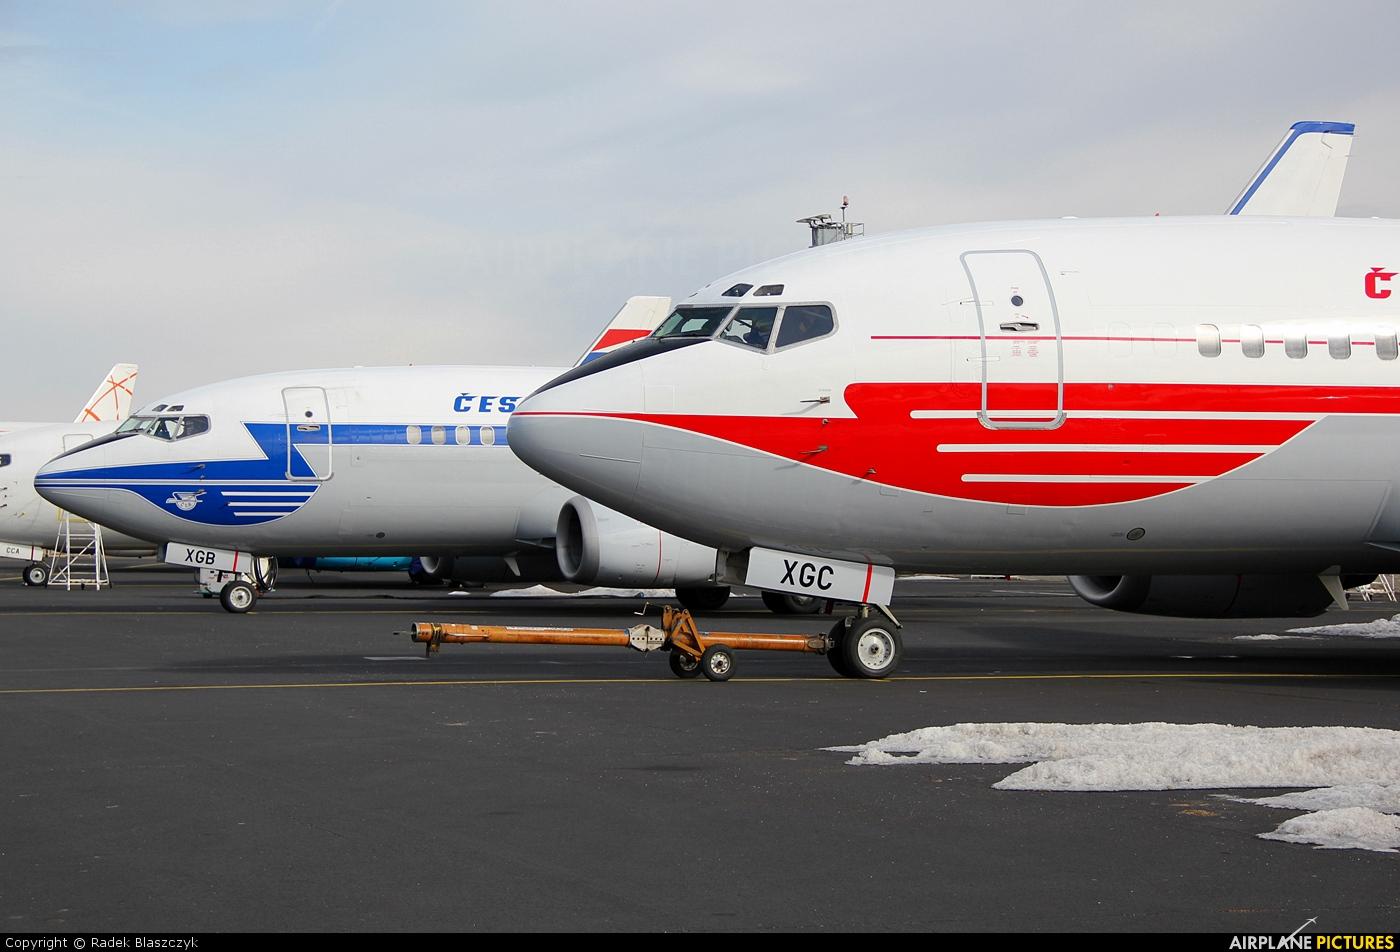 CSA - Czech Airlines OK-XGC aircraft at Prague - Václav Havel